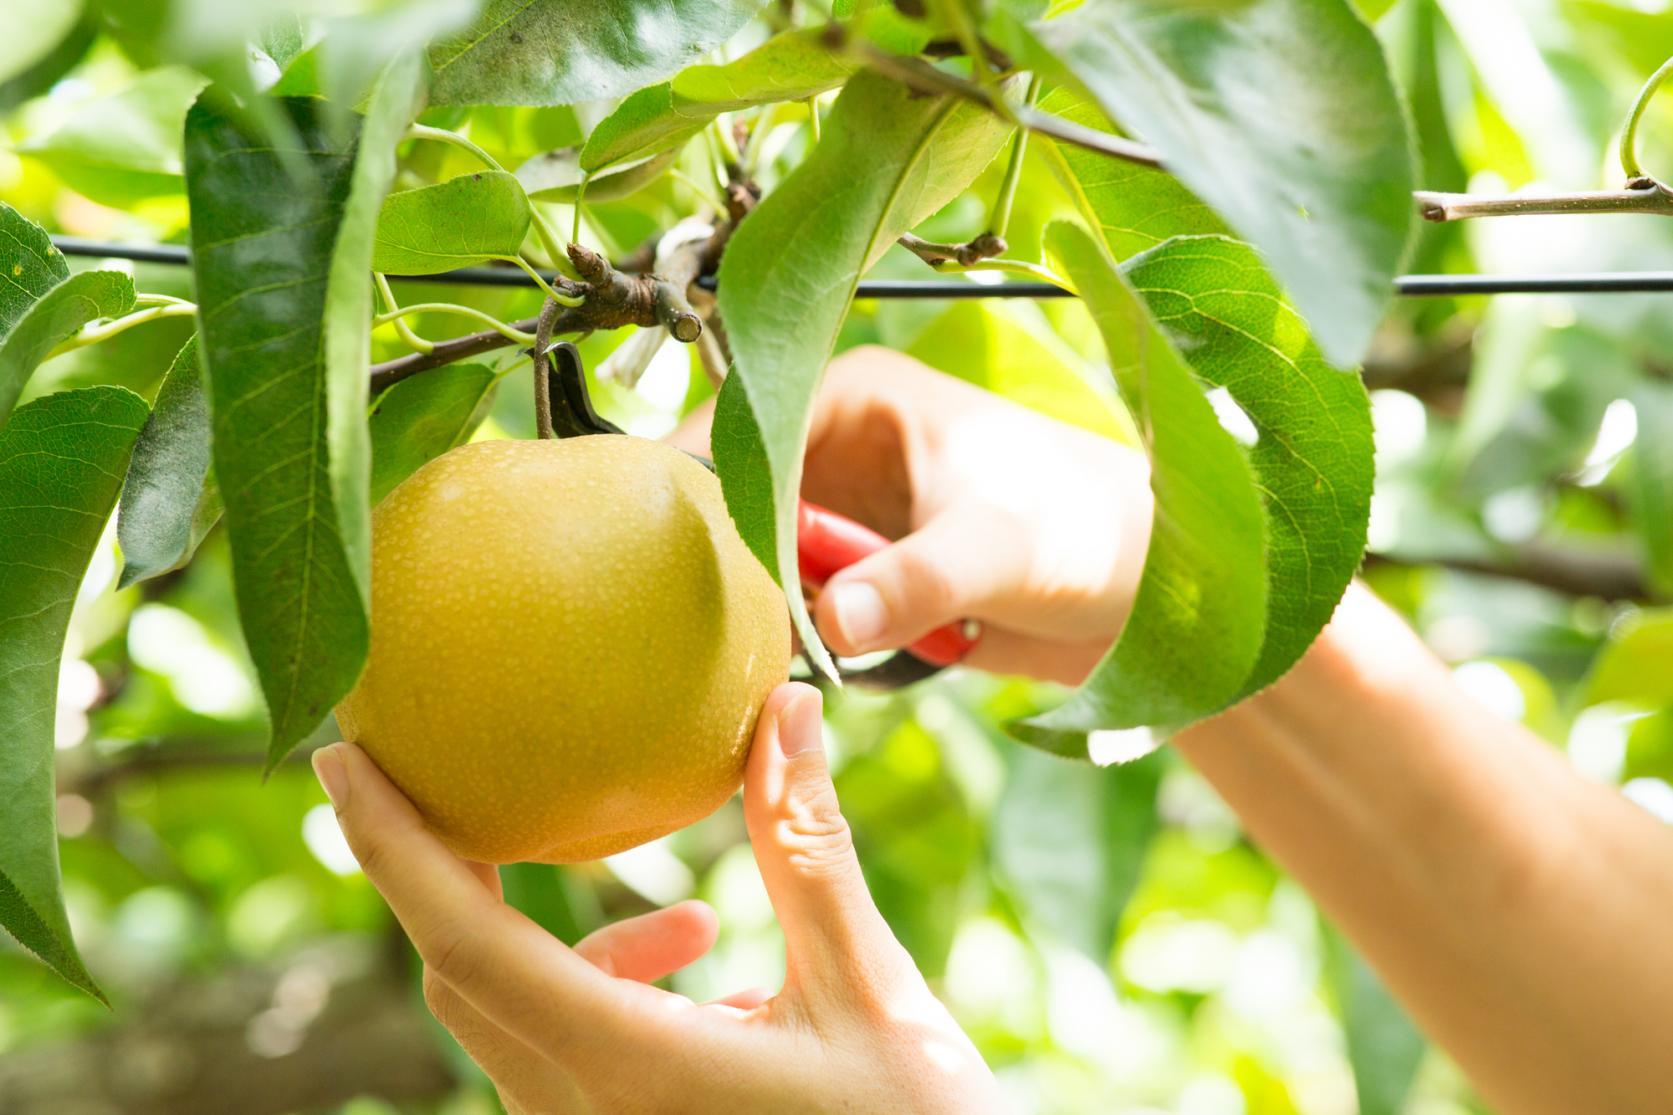 【Day 4】Fruit Picking-1